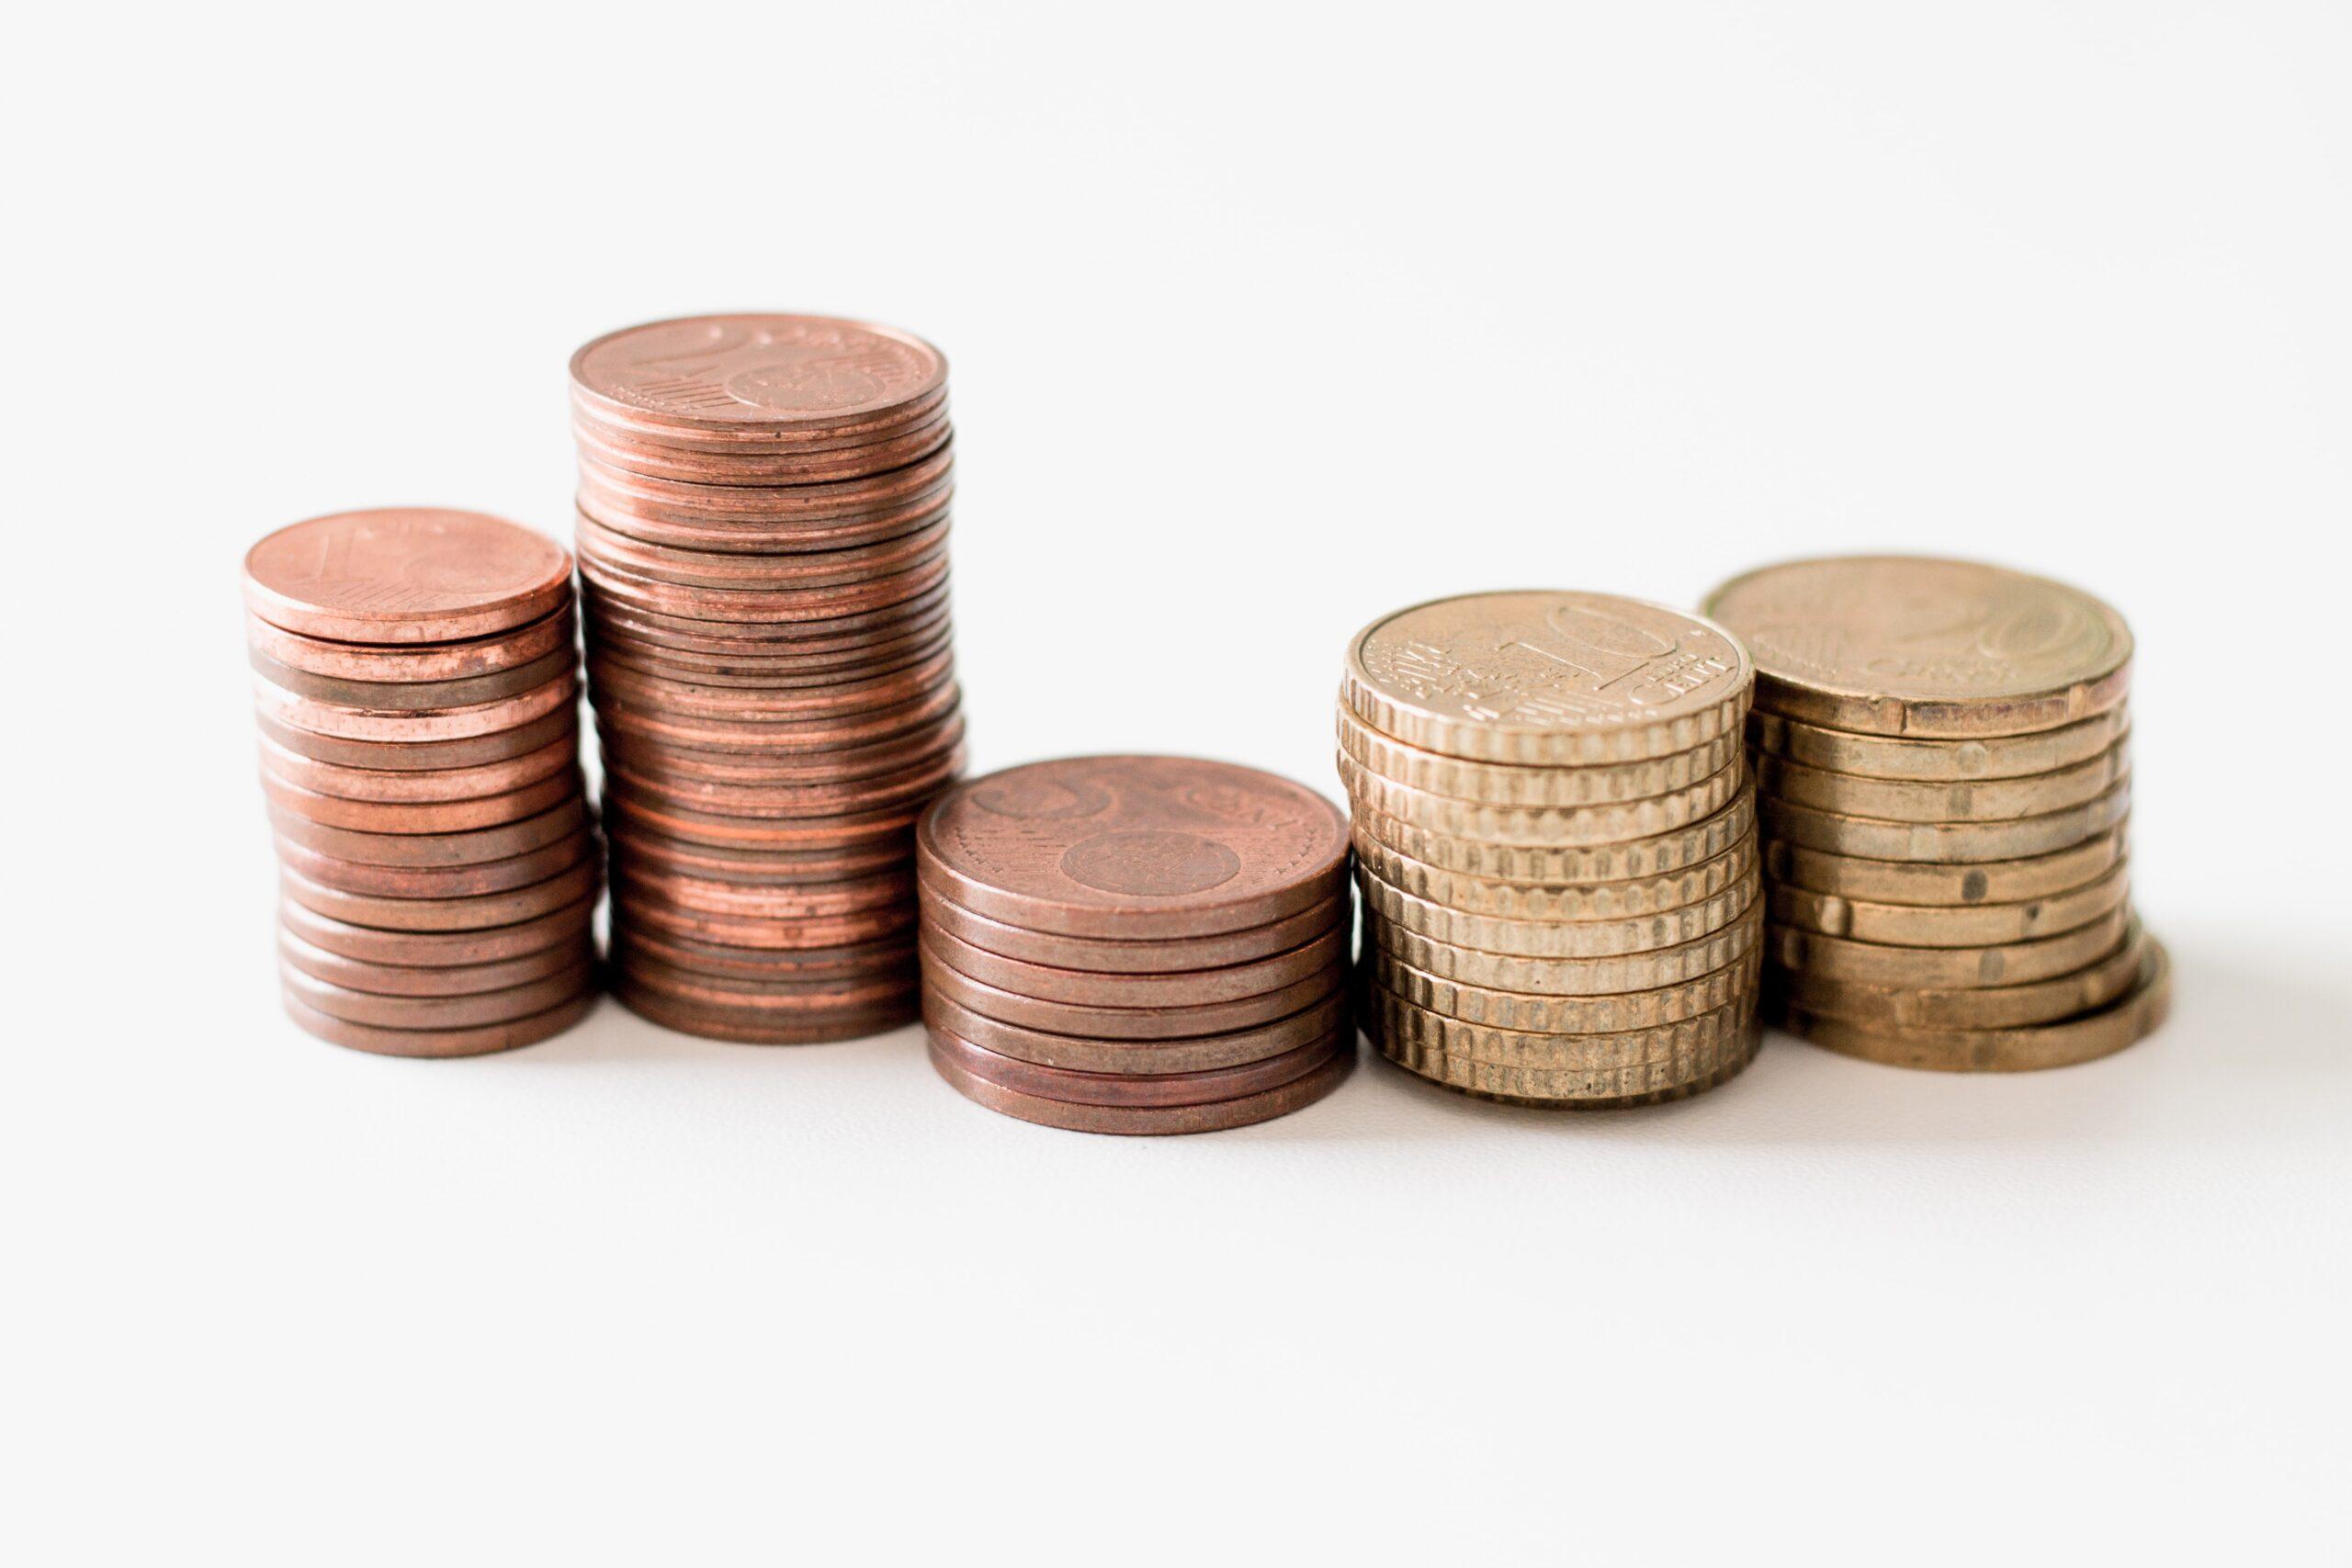 Salario minimo: proposte del Movimento 5 stelle e Pd a confronto